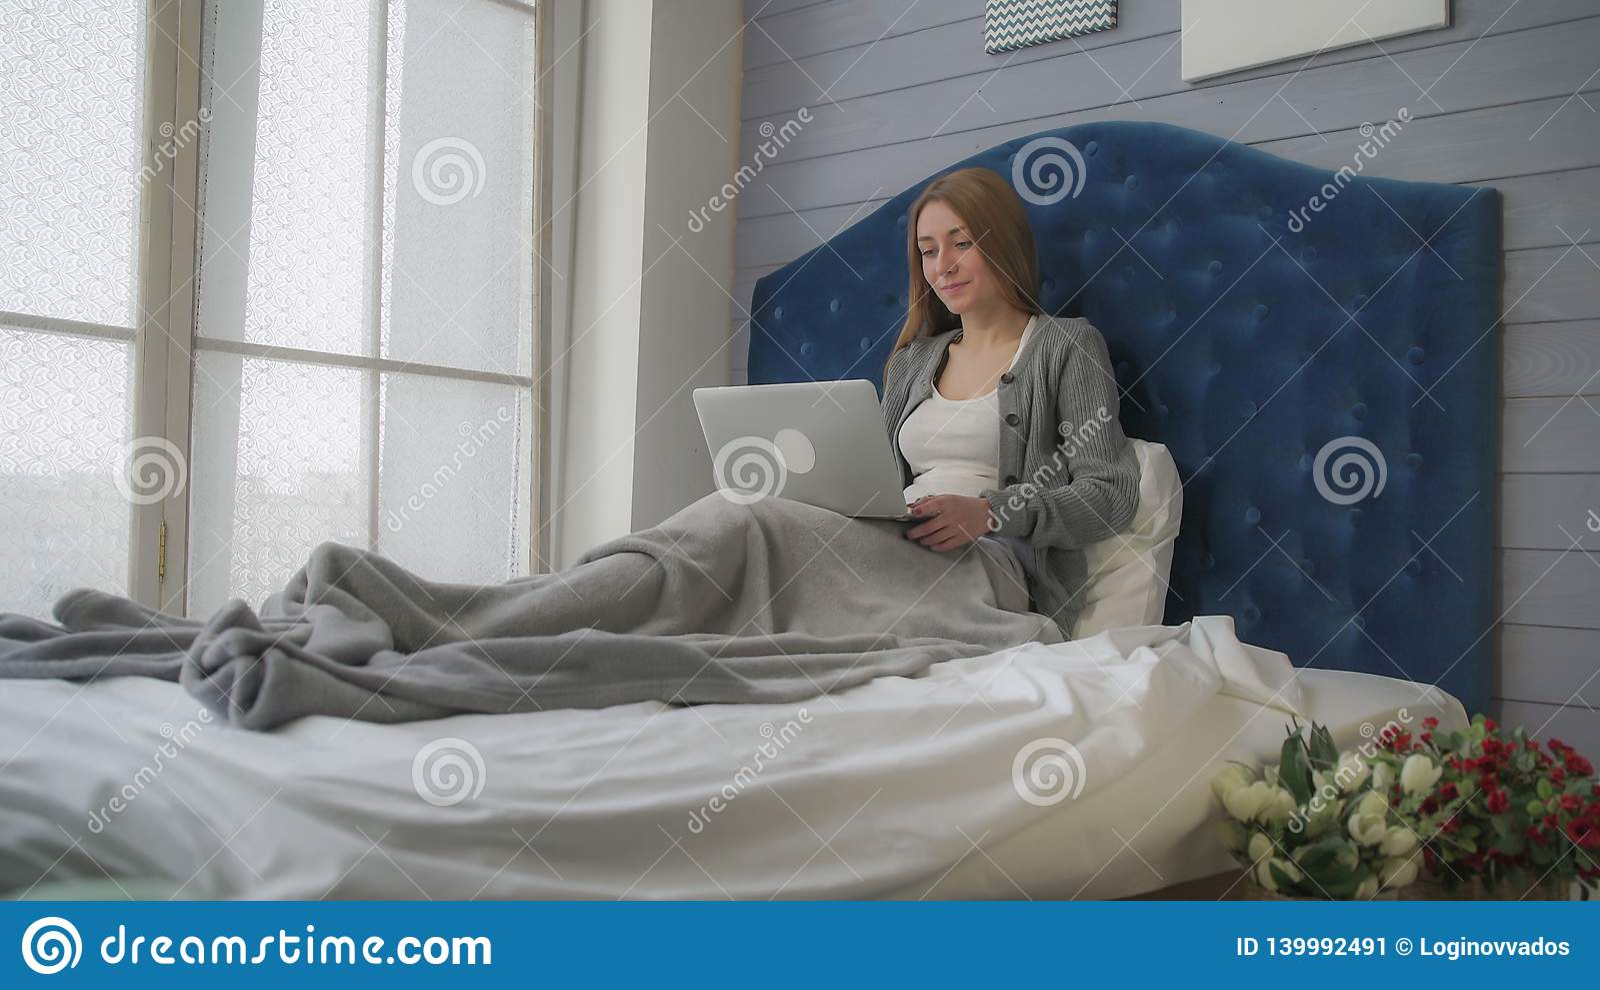 Morgenreise, Mädchen im Bett sprechend mit einem Laptop